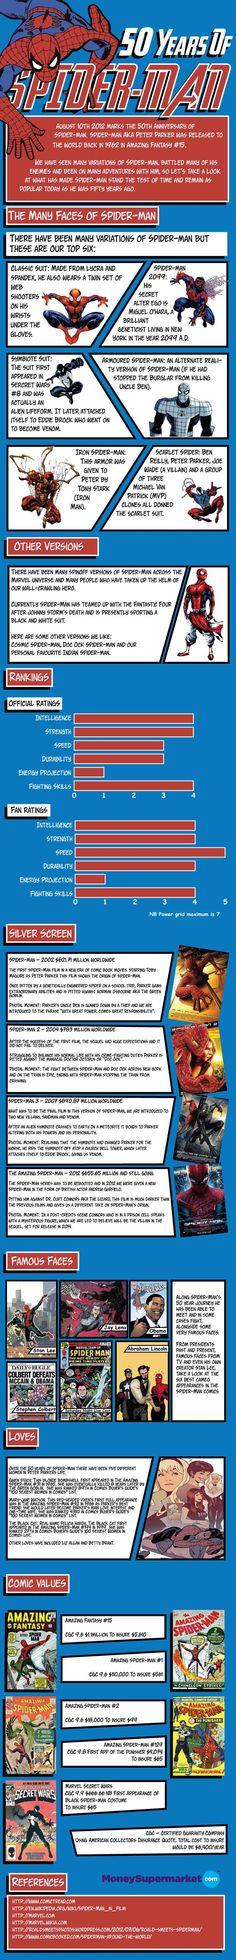 Spiderman-Infographic